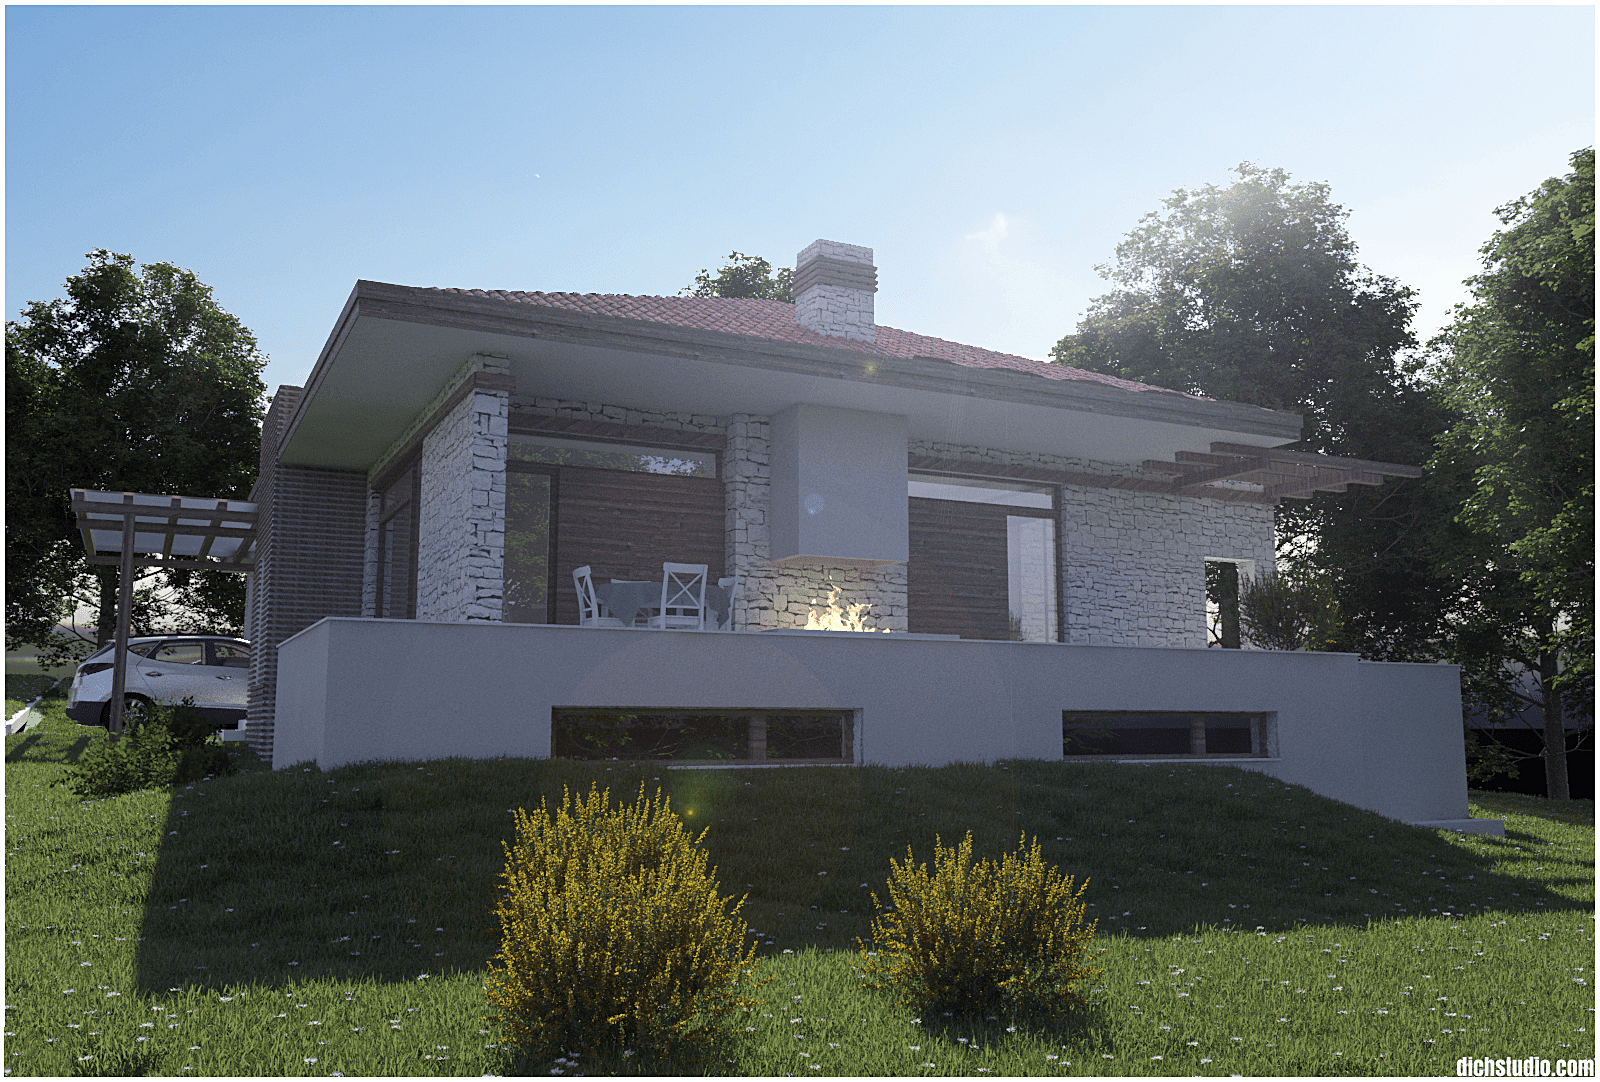 еднофамилна къща - визуализация 1.png